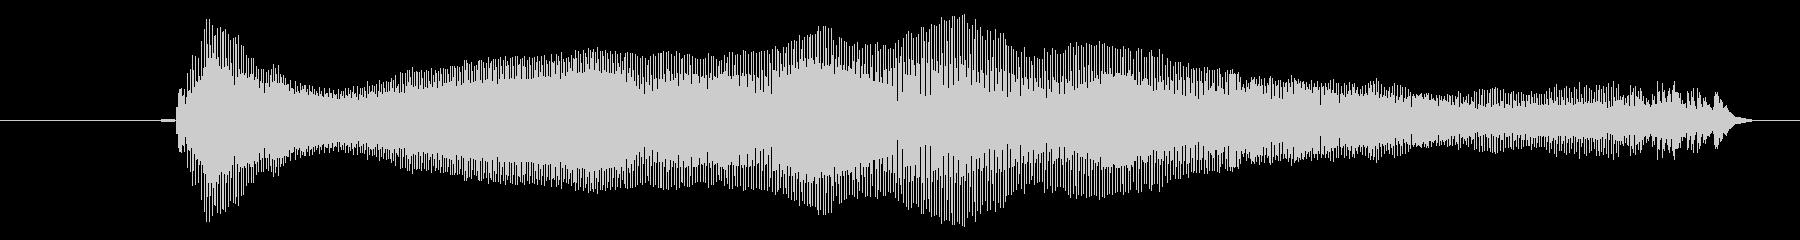 鳴き声 リトルガールクライアー01の未再生の波形